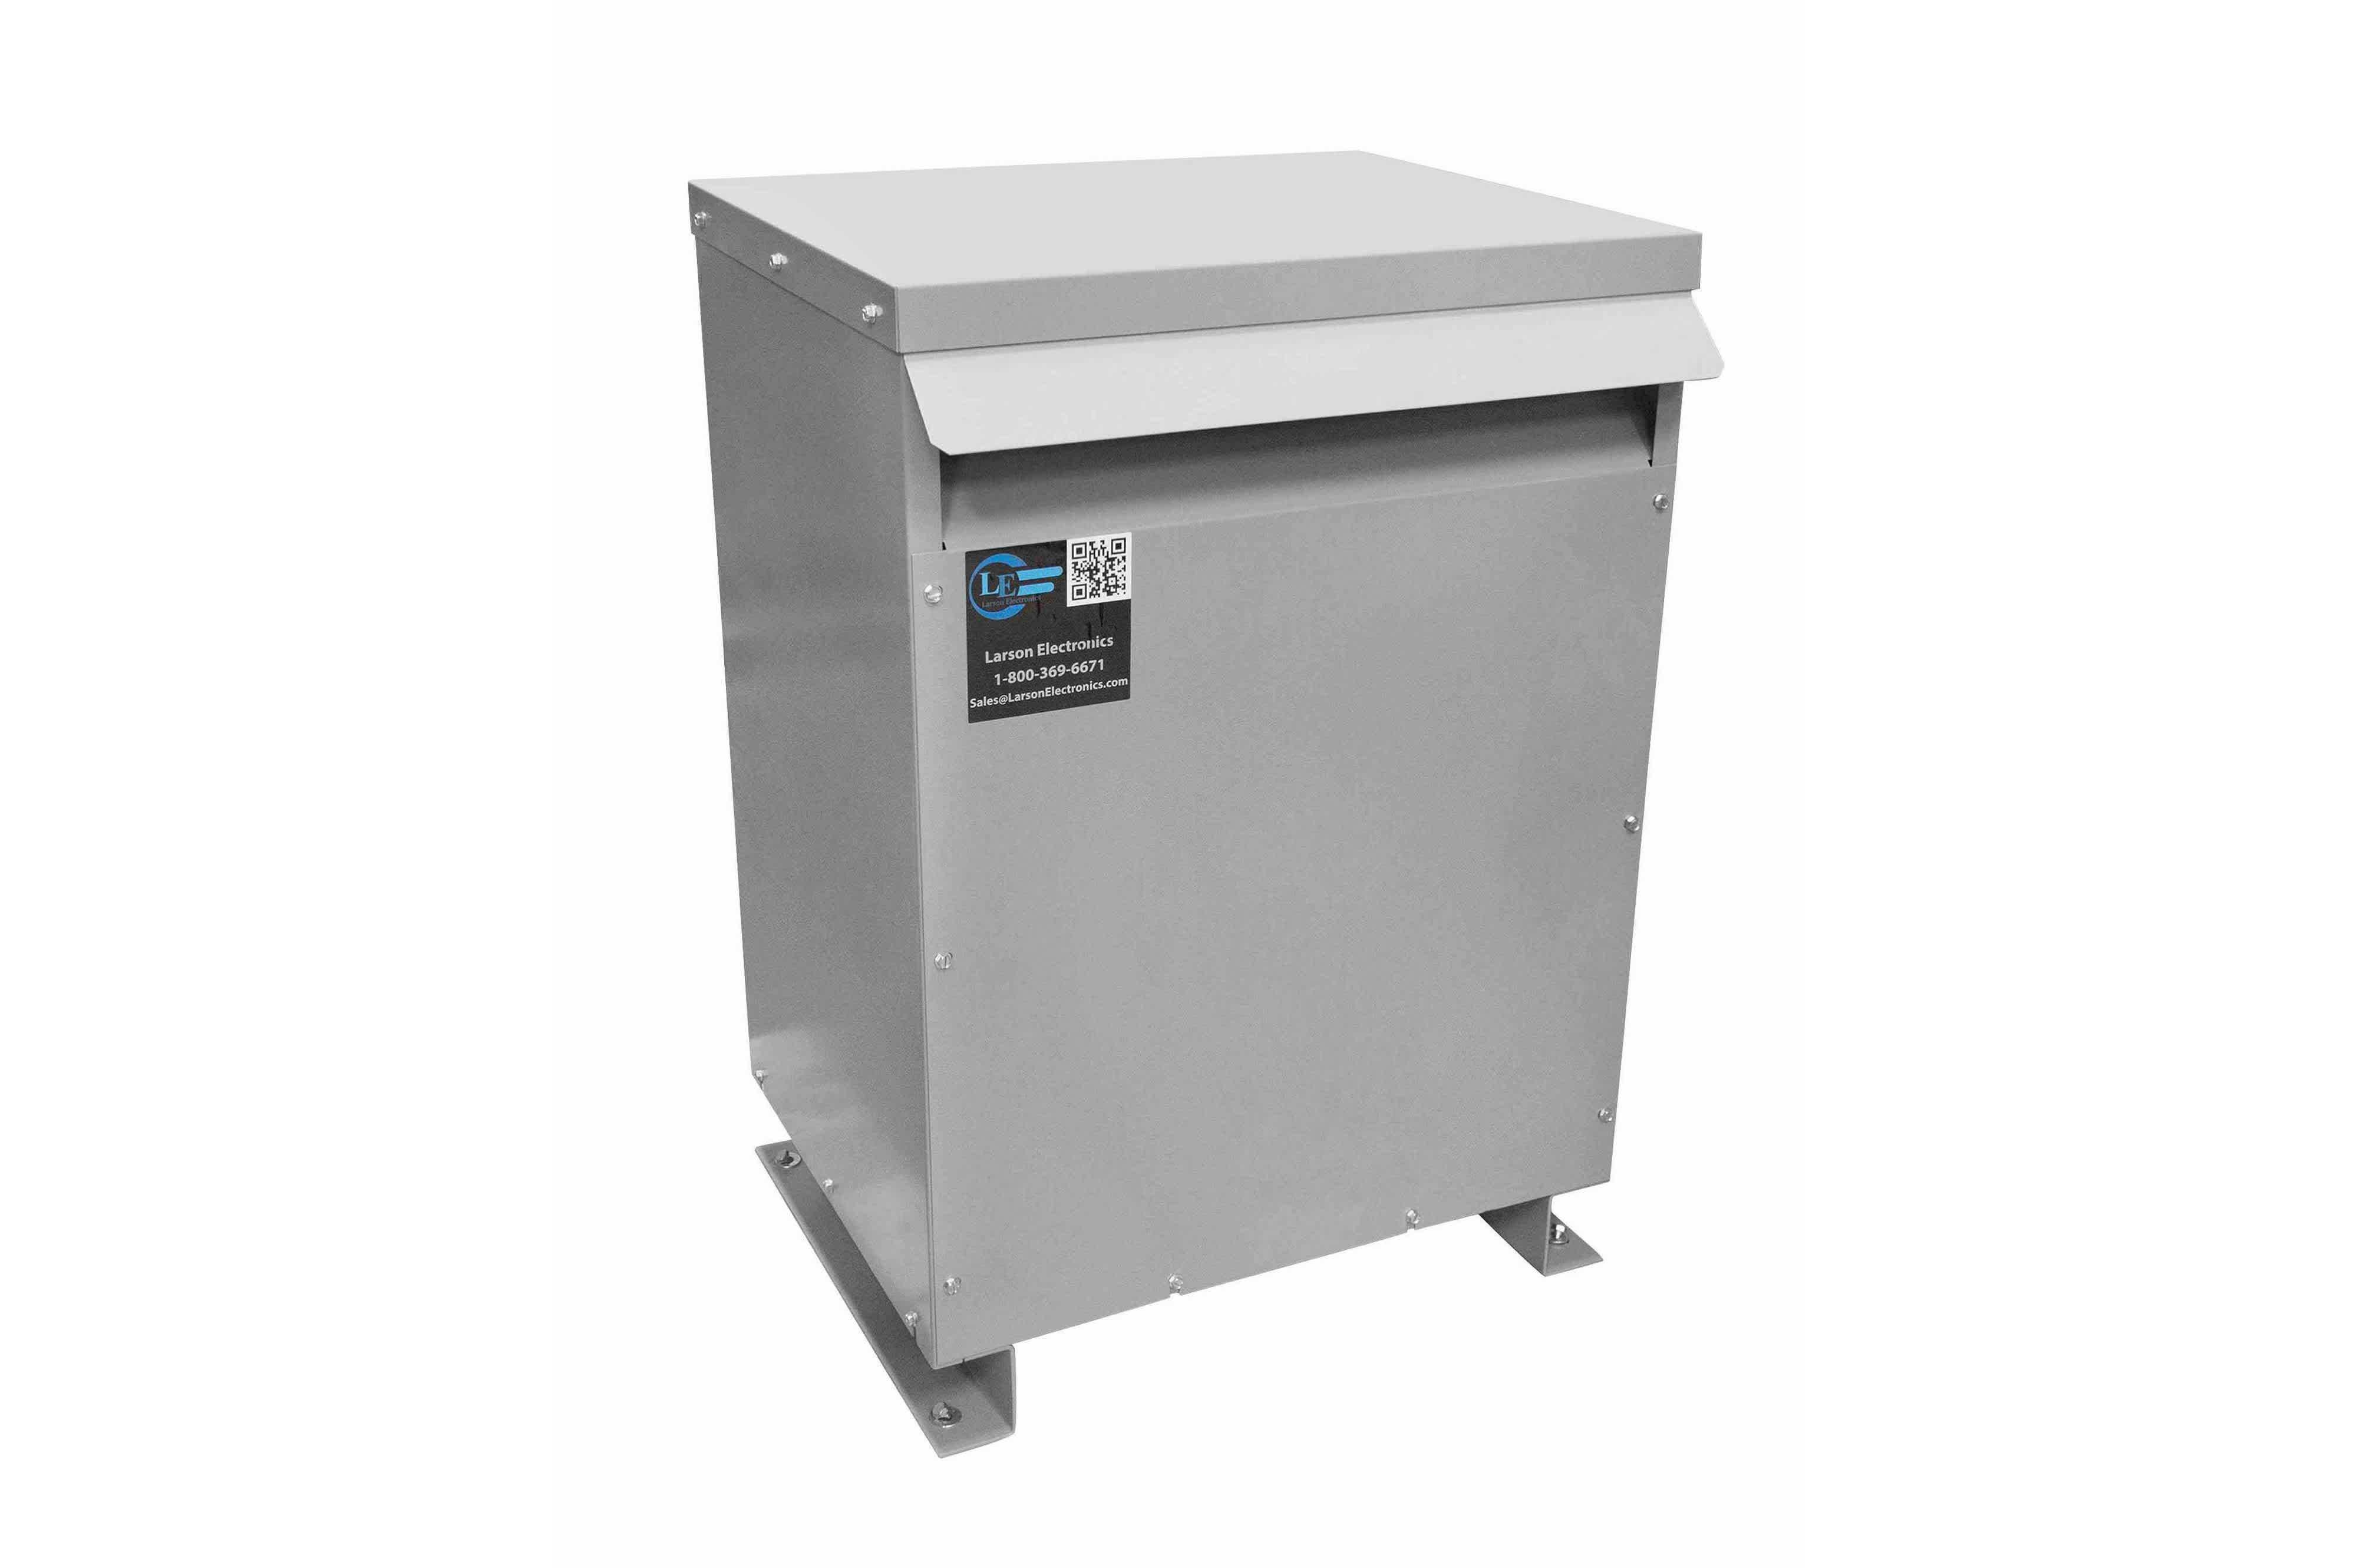 80 kVA 3PH Isolation Transformer, 600V Delta Primary, 460V Delta Secondary, N3R, Ventilated, 60 Hz